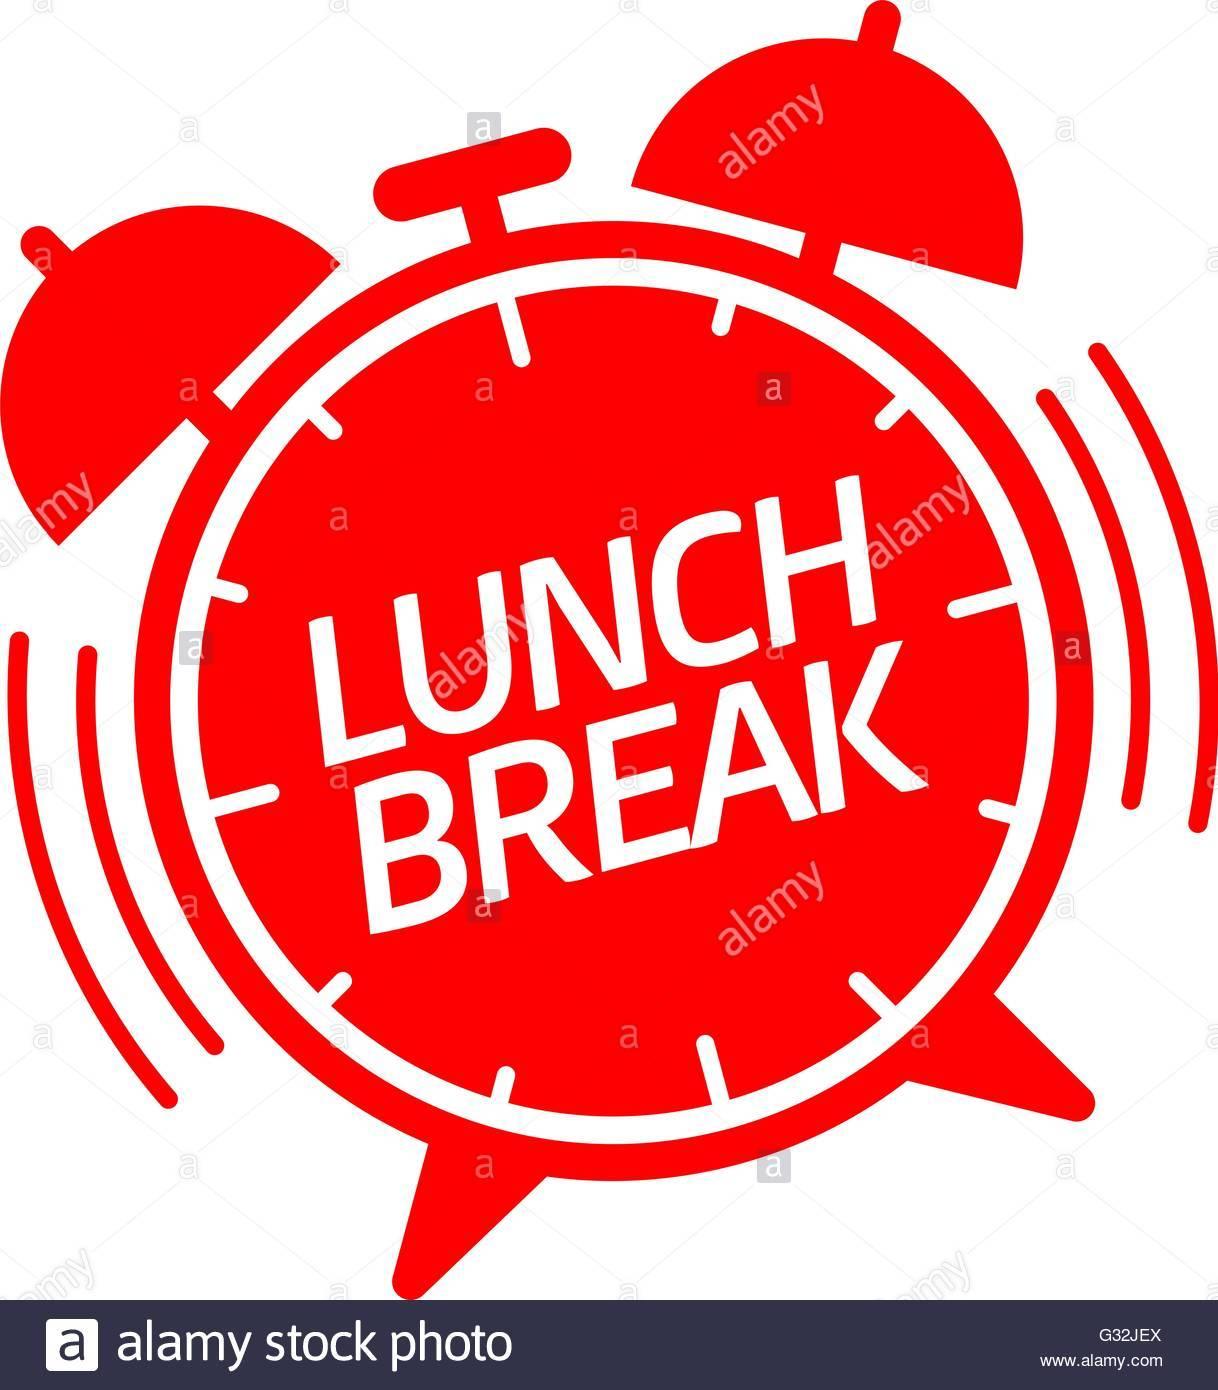 Lunch break clipart images 9 » Clipart Portal.